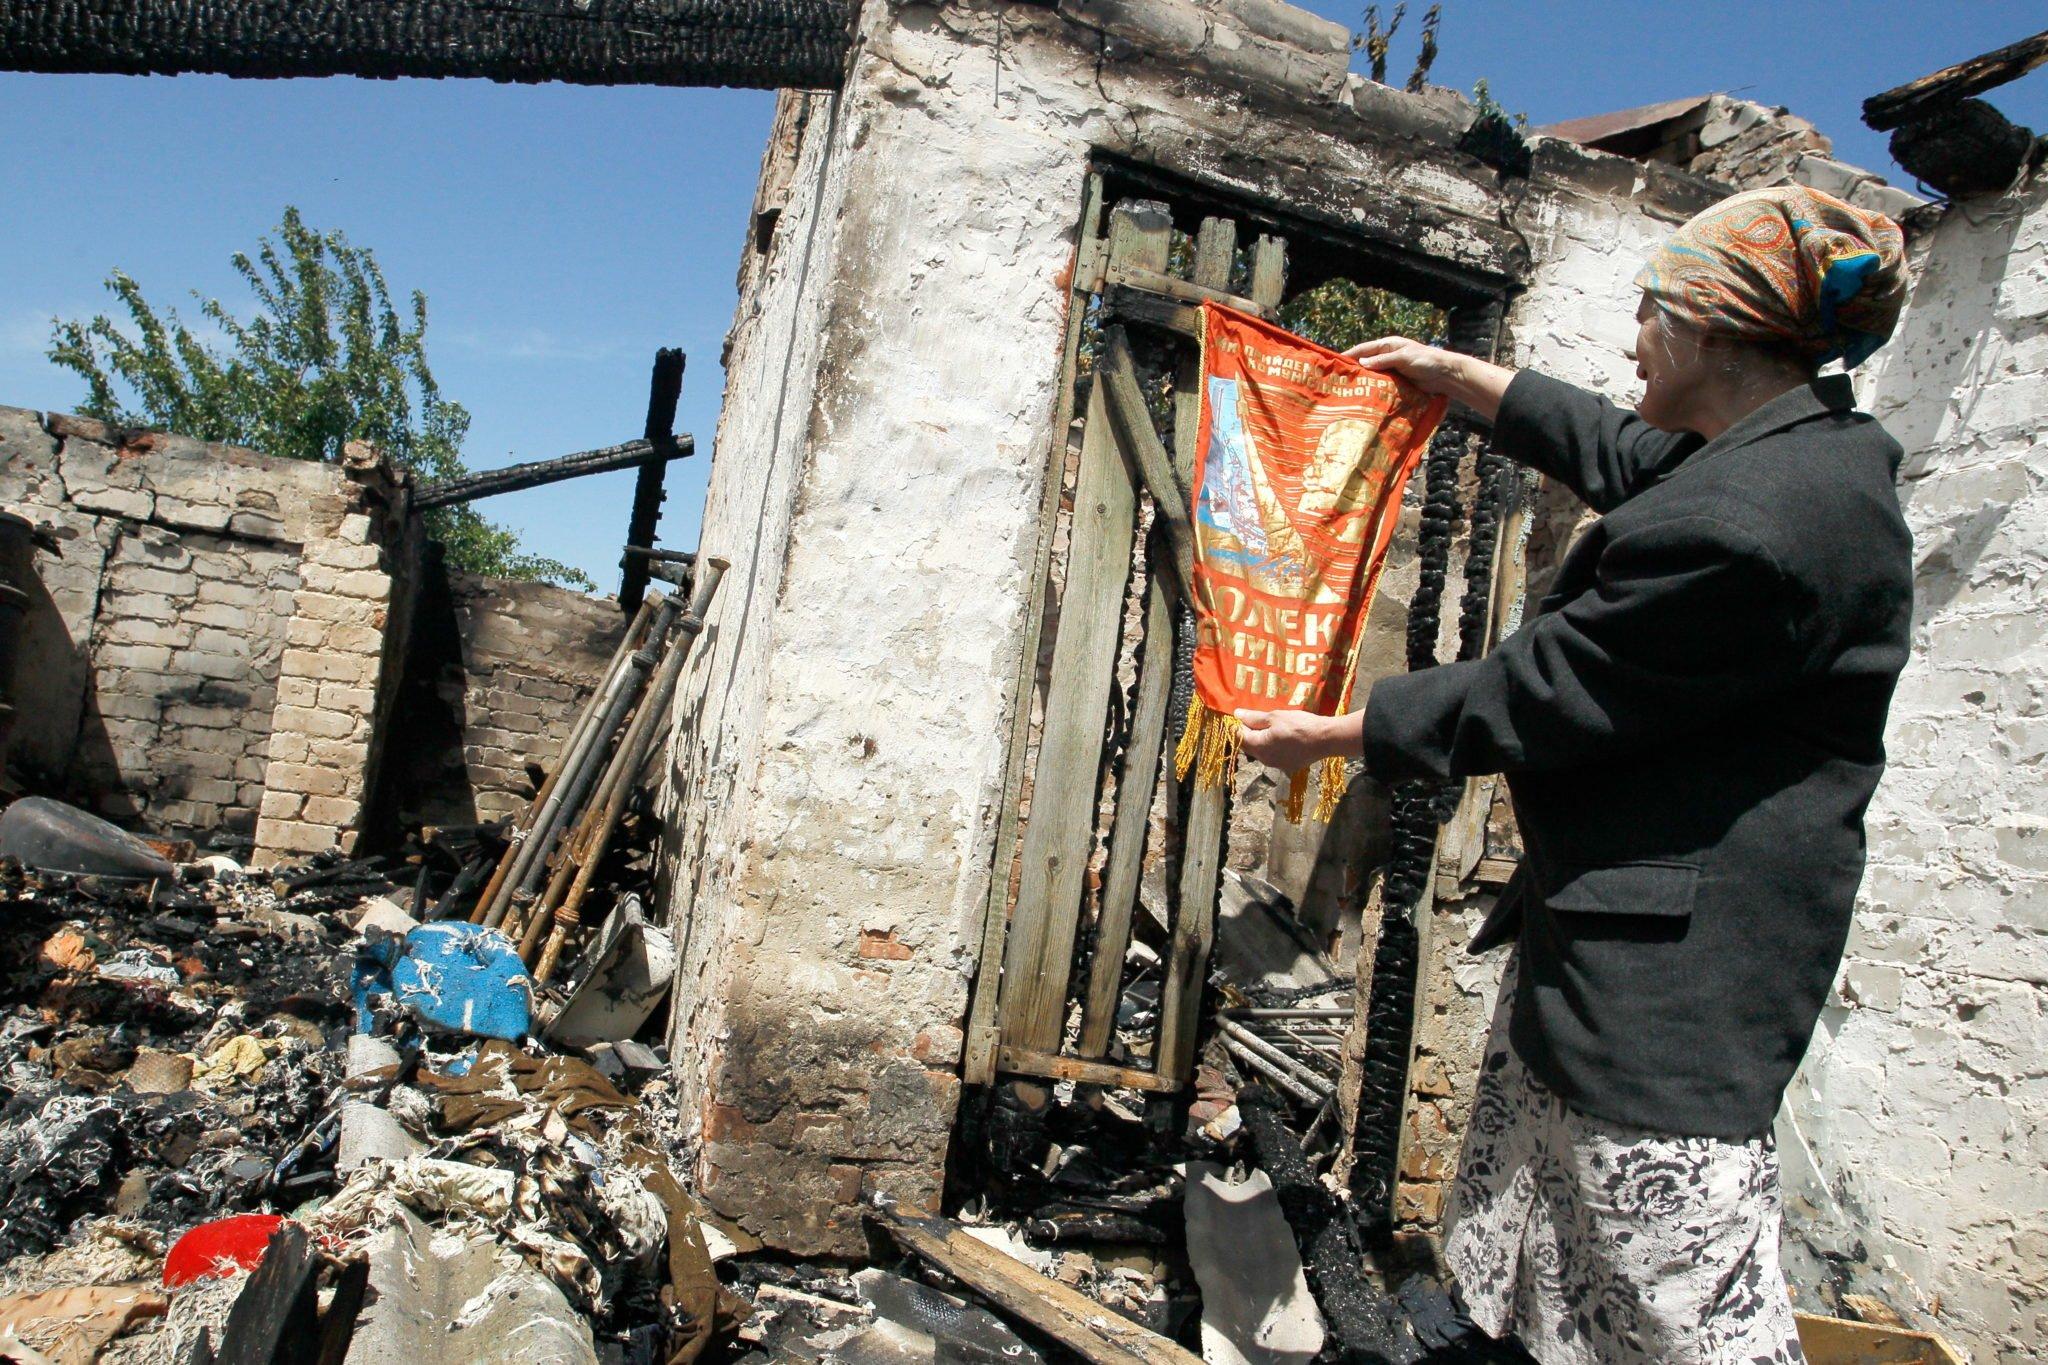 Ukraina, Donieck: mieszkaniec patrzy na zniszczony dom po tym, jak został ostrzelany. Prorosyjscy bojownicy przeprowadzili co najmniej 22 ataki na pozycje armii ukraińskiej w region Donbasu w ciągu ostatniej doby a dwóch ukraińskich żołnierzy zostało rannych, fot: Alexander Ermochenko, PAP/EPA